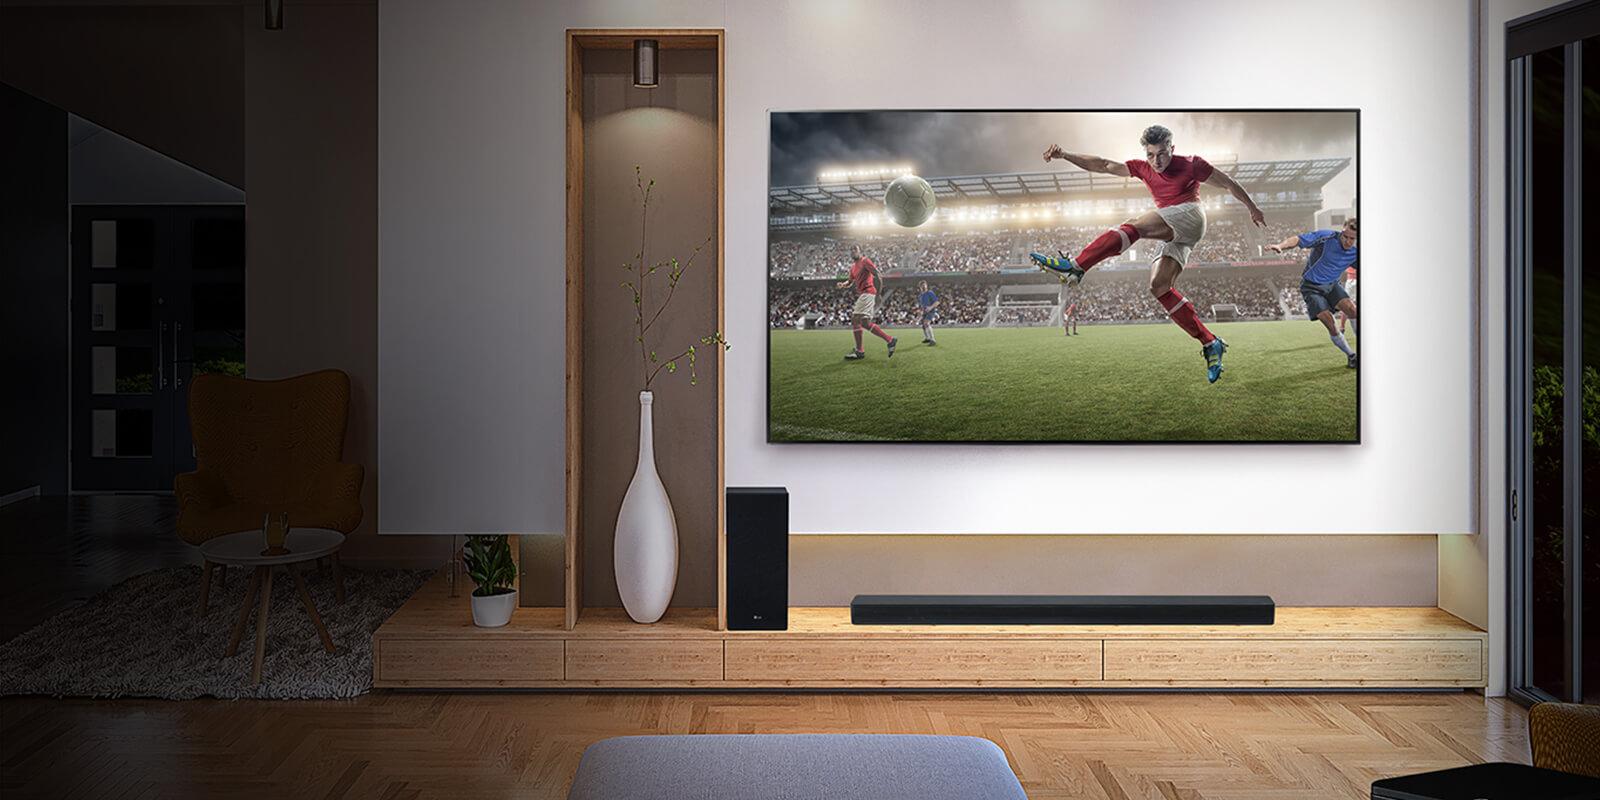 LG OLED 4K TV